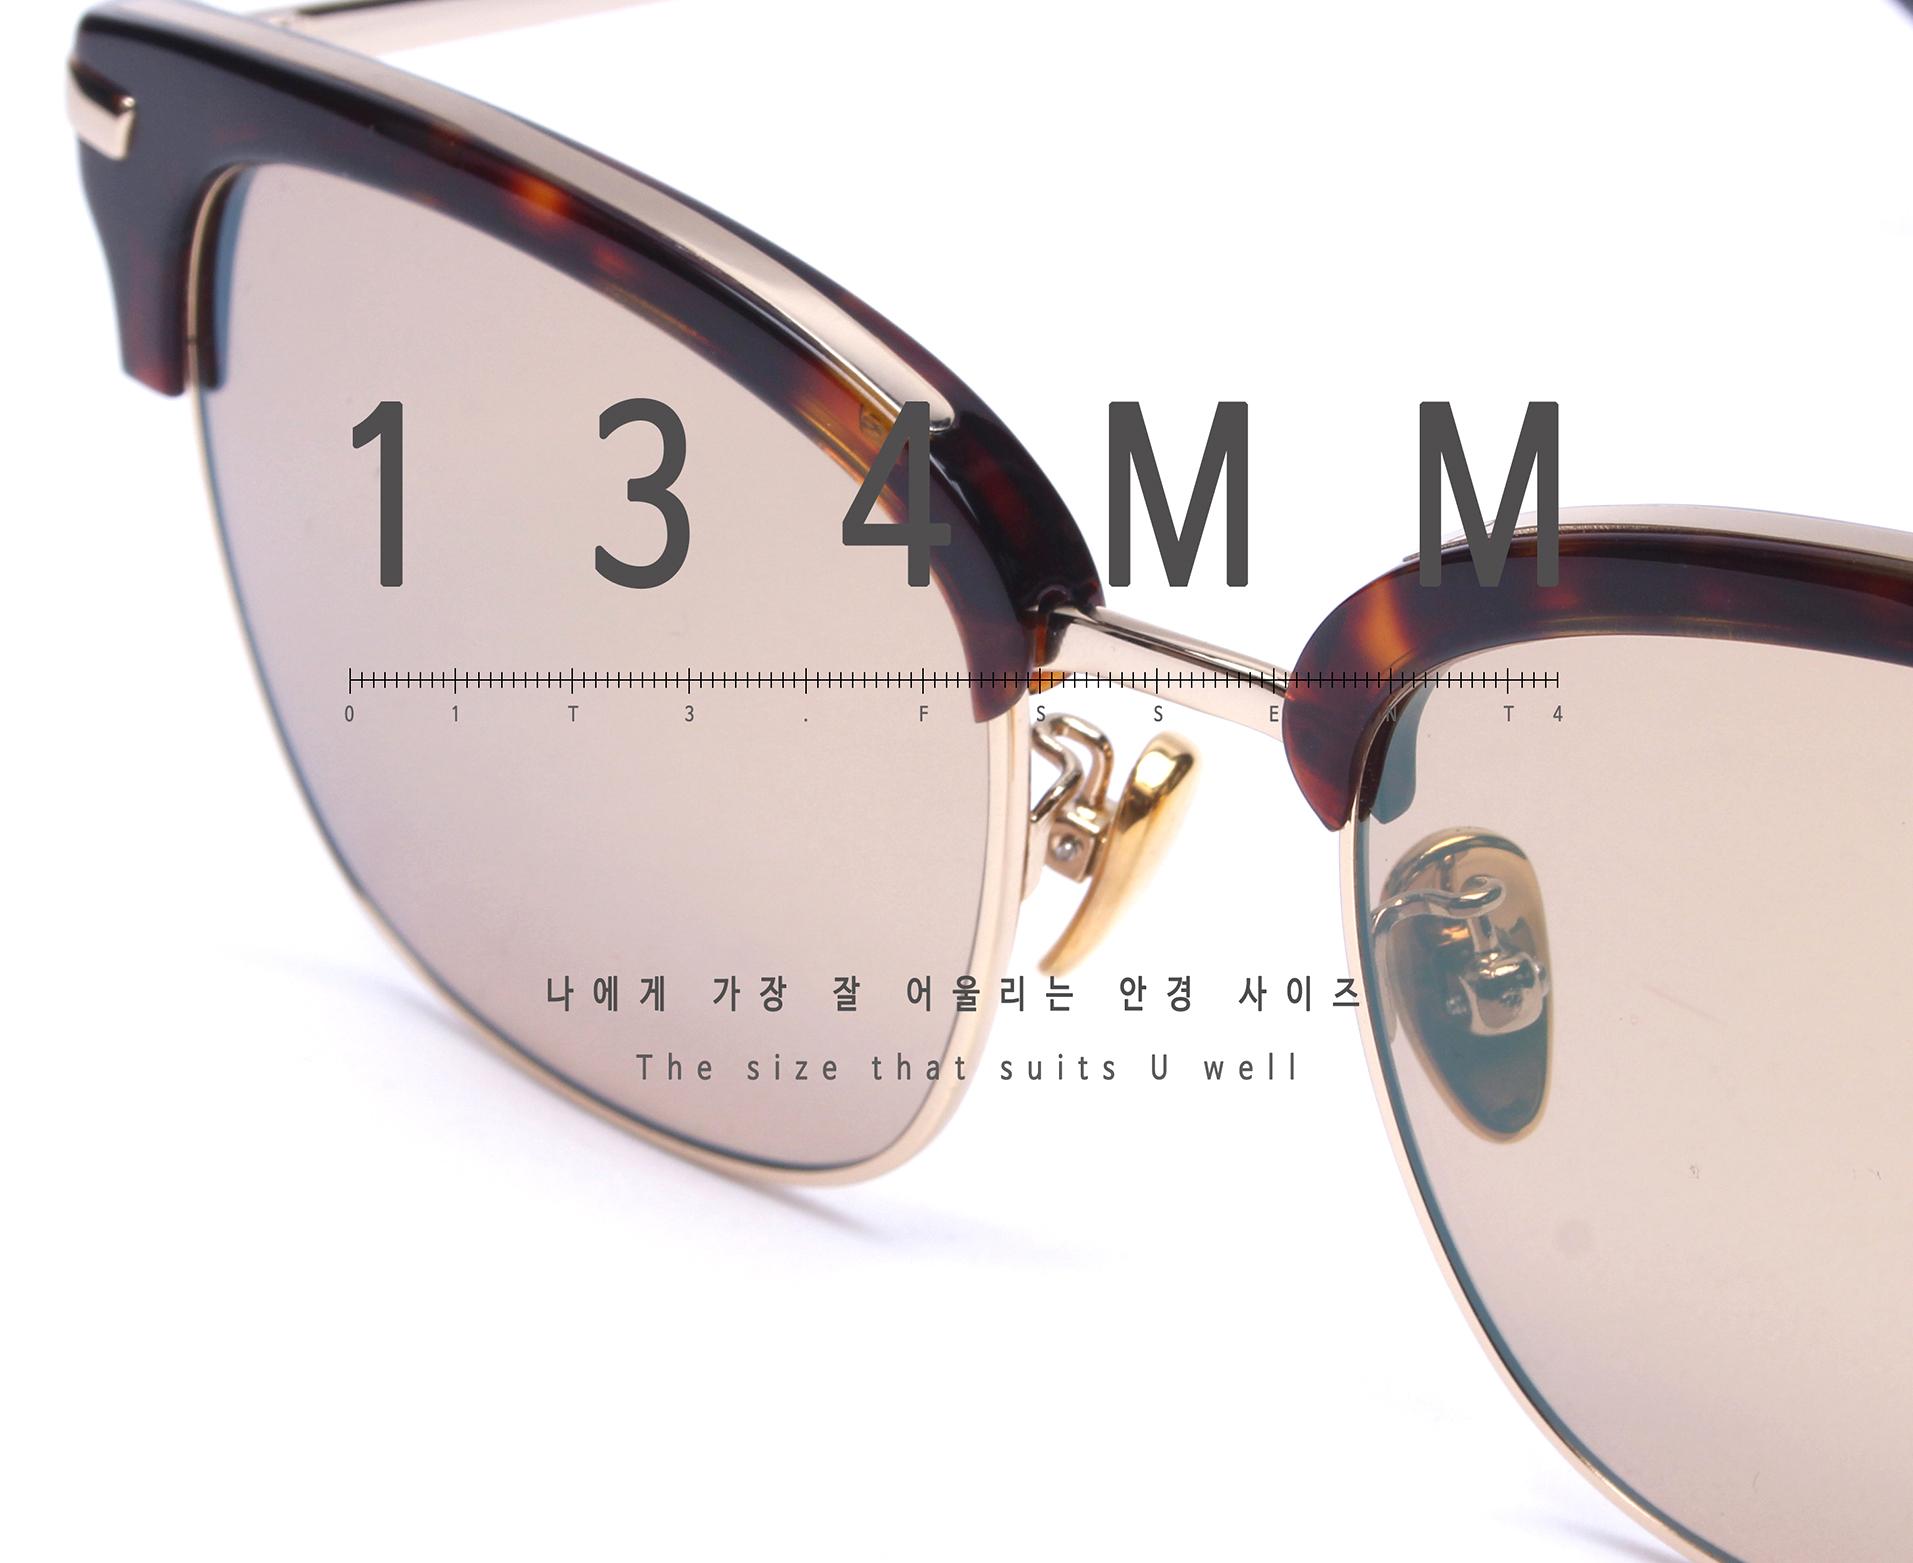 일삼사엠엠(134MM) A000517 시스루브라운틴트 선글라스